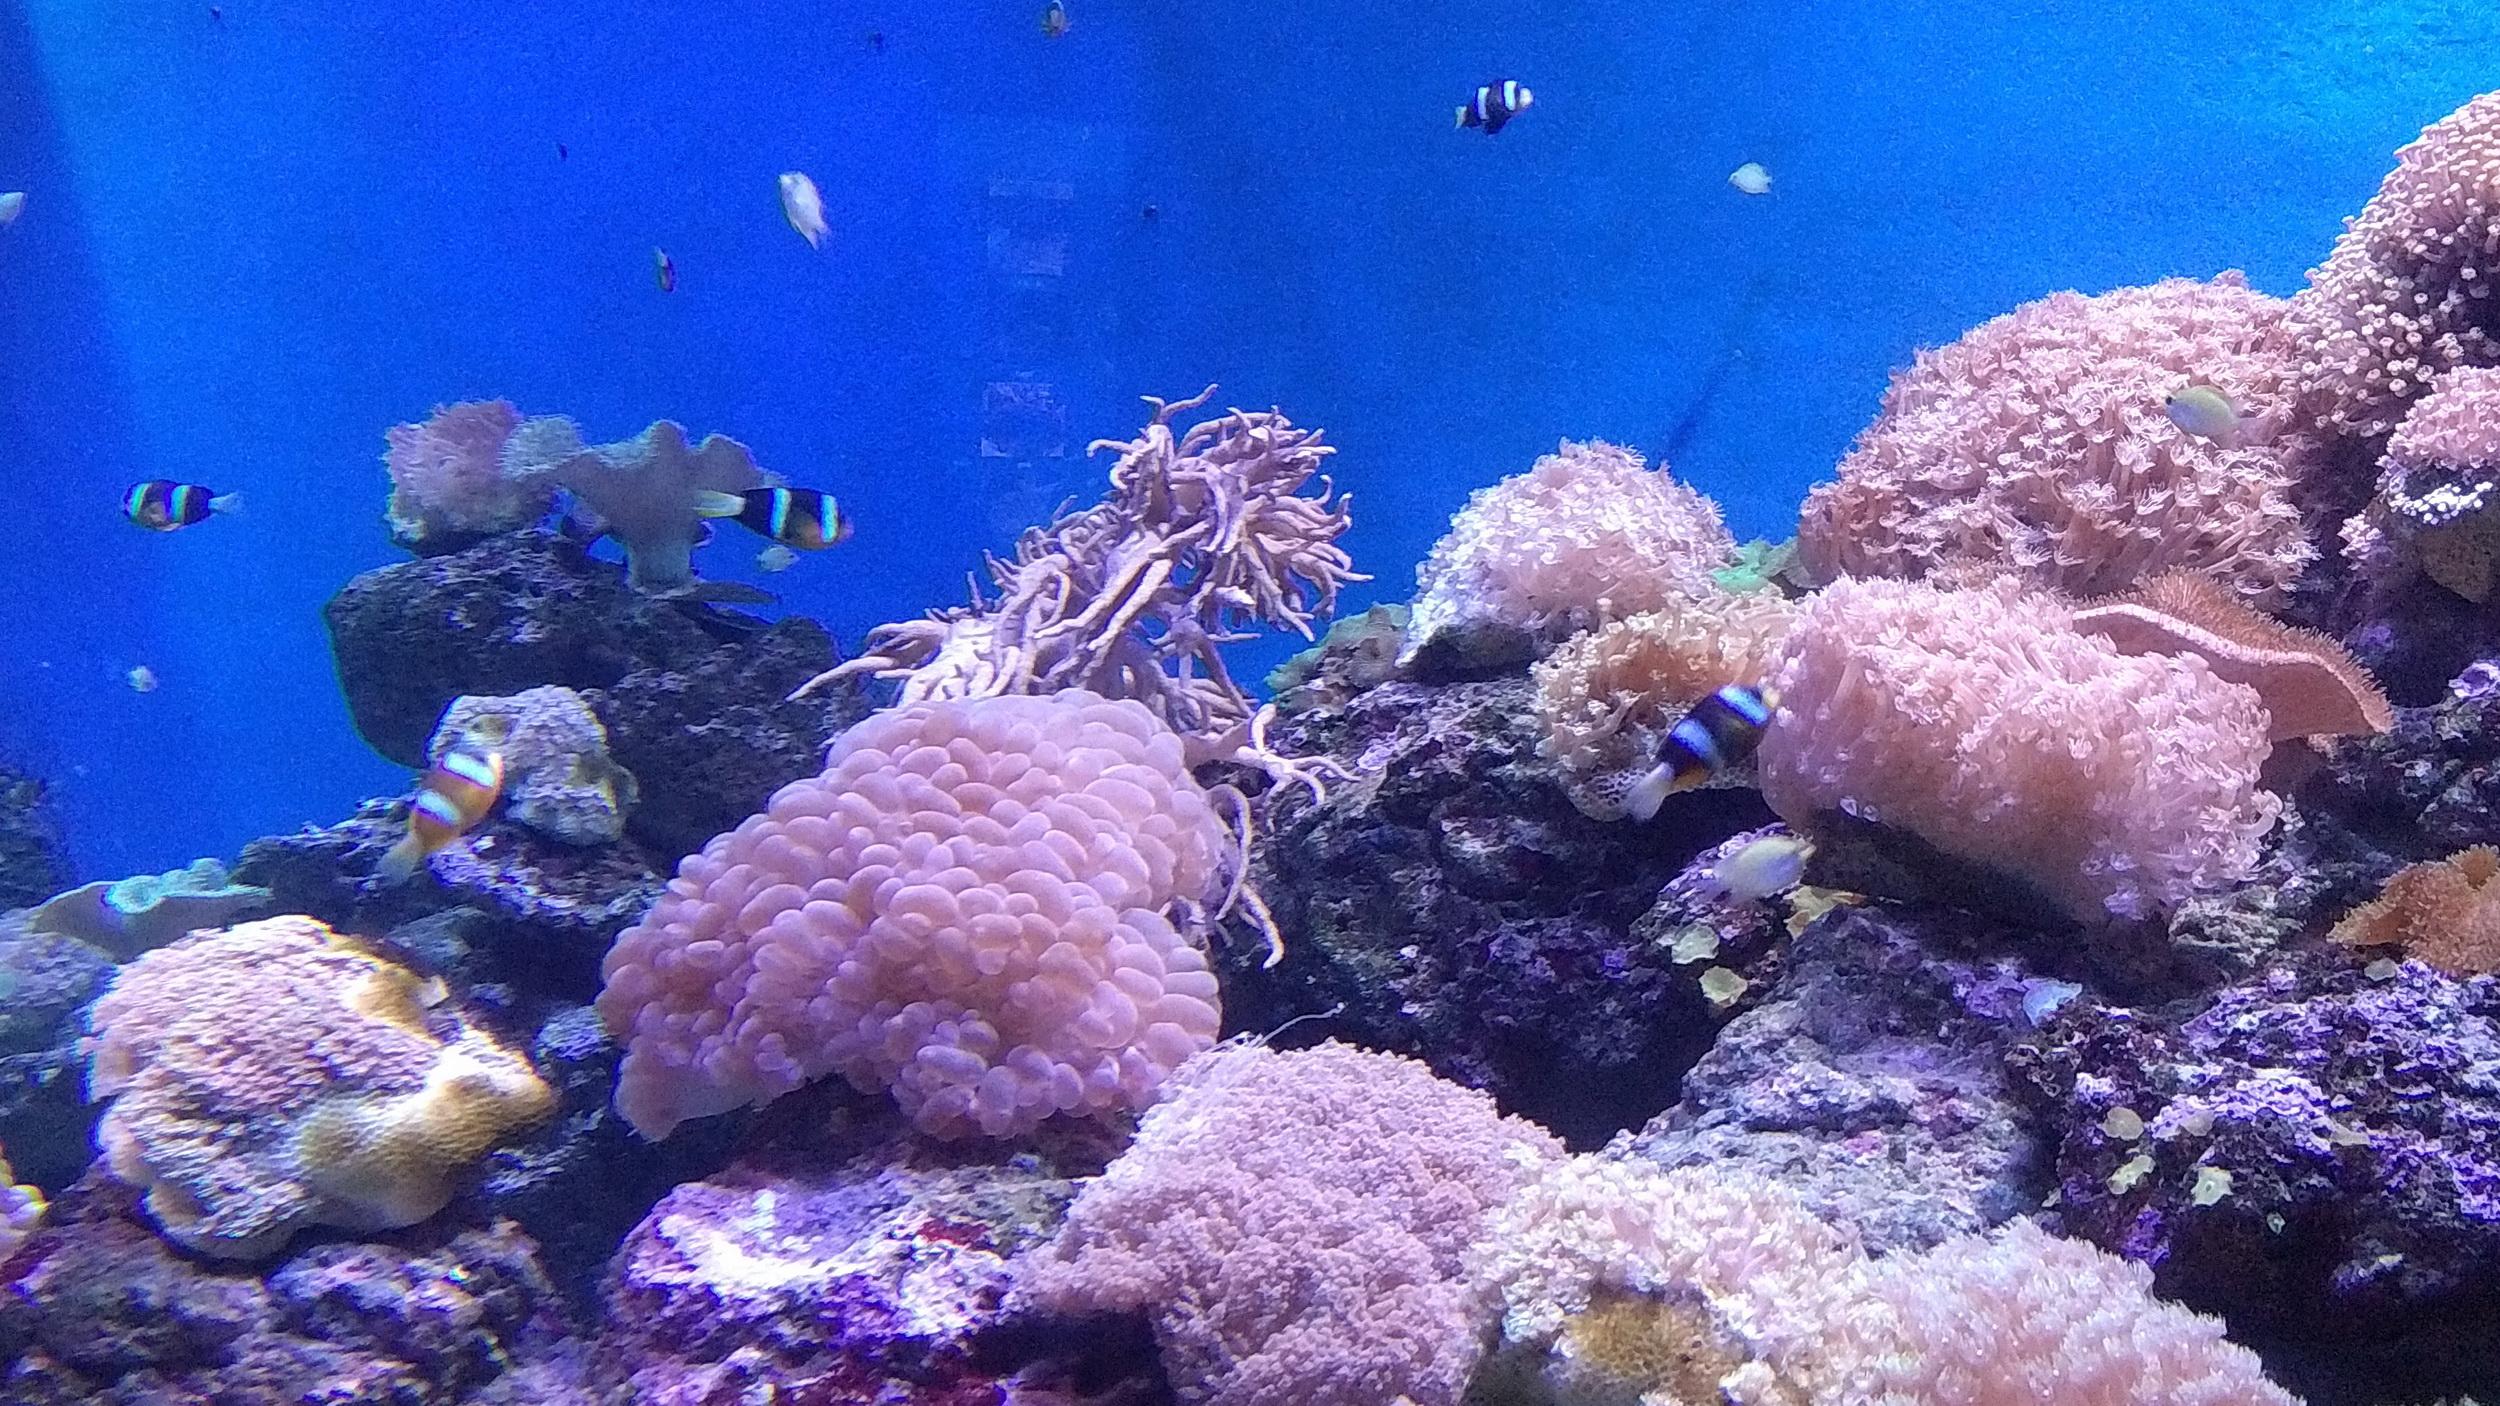 壁纸 海底 海底世界 海洋馆 水族馆 桌面 2500_1406